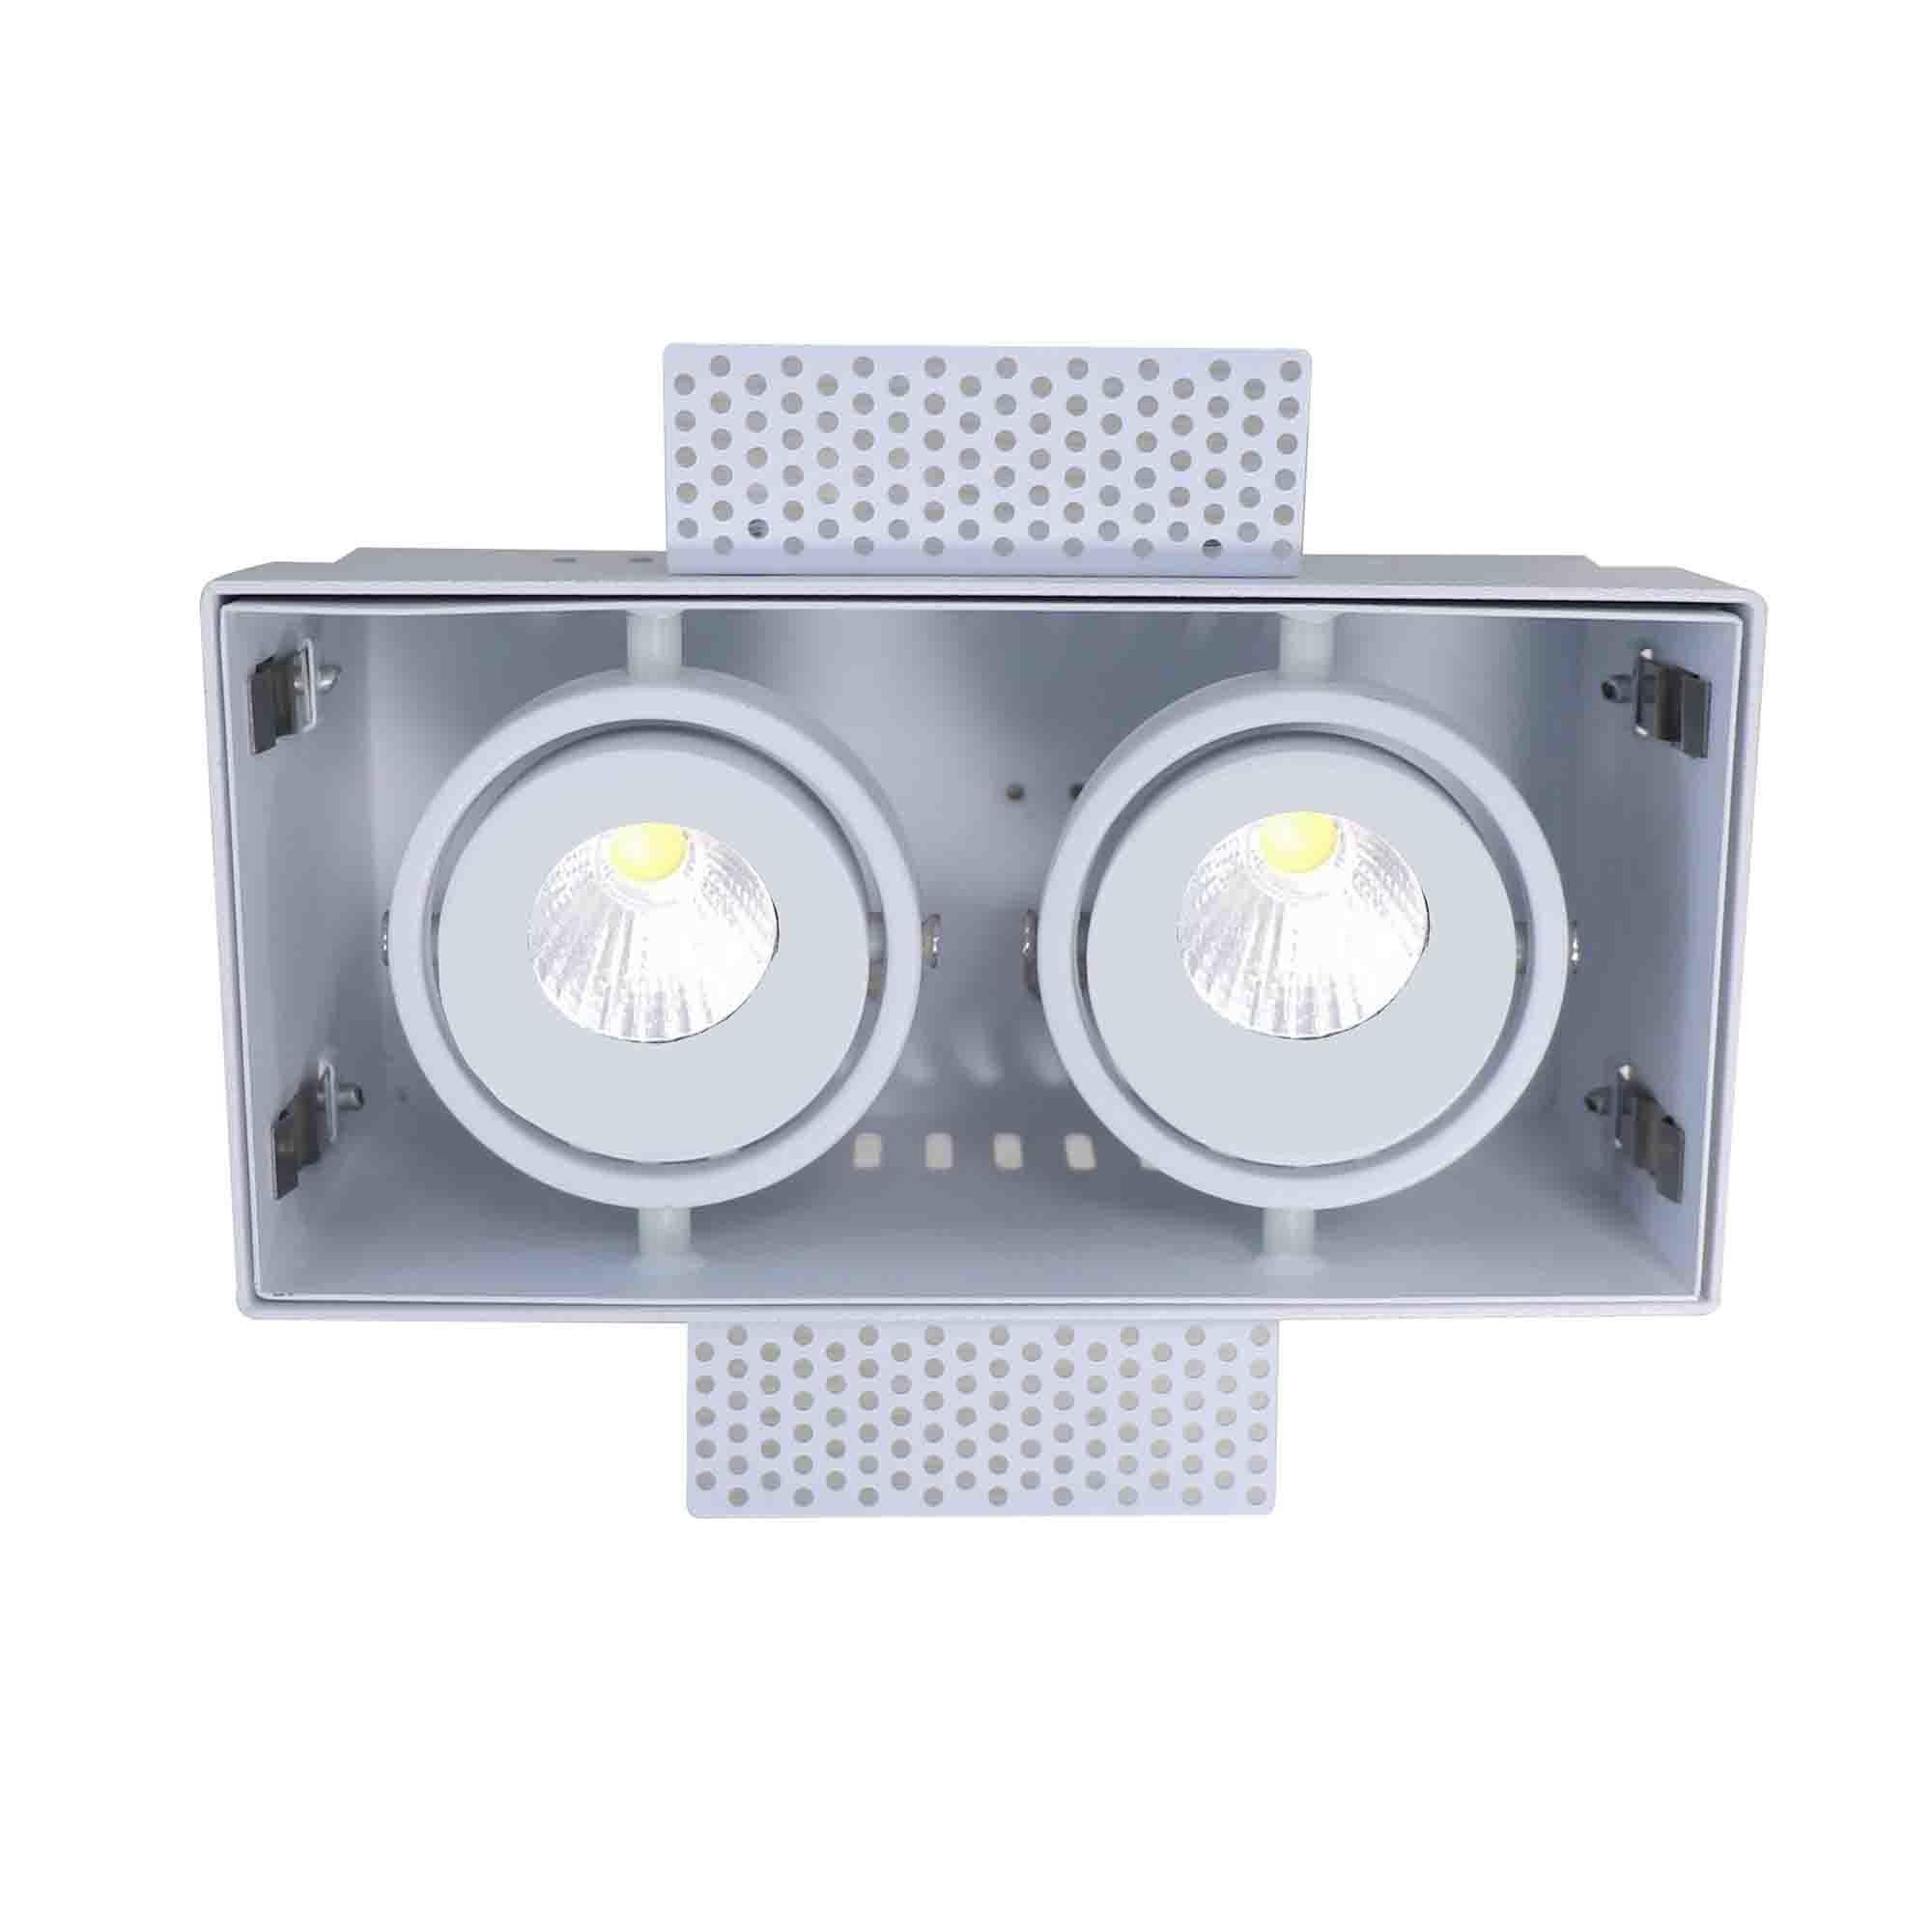 Artdelight Inbouwspot Trofa 2 lichts GU10 Trimless wit